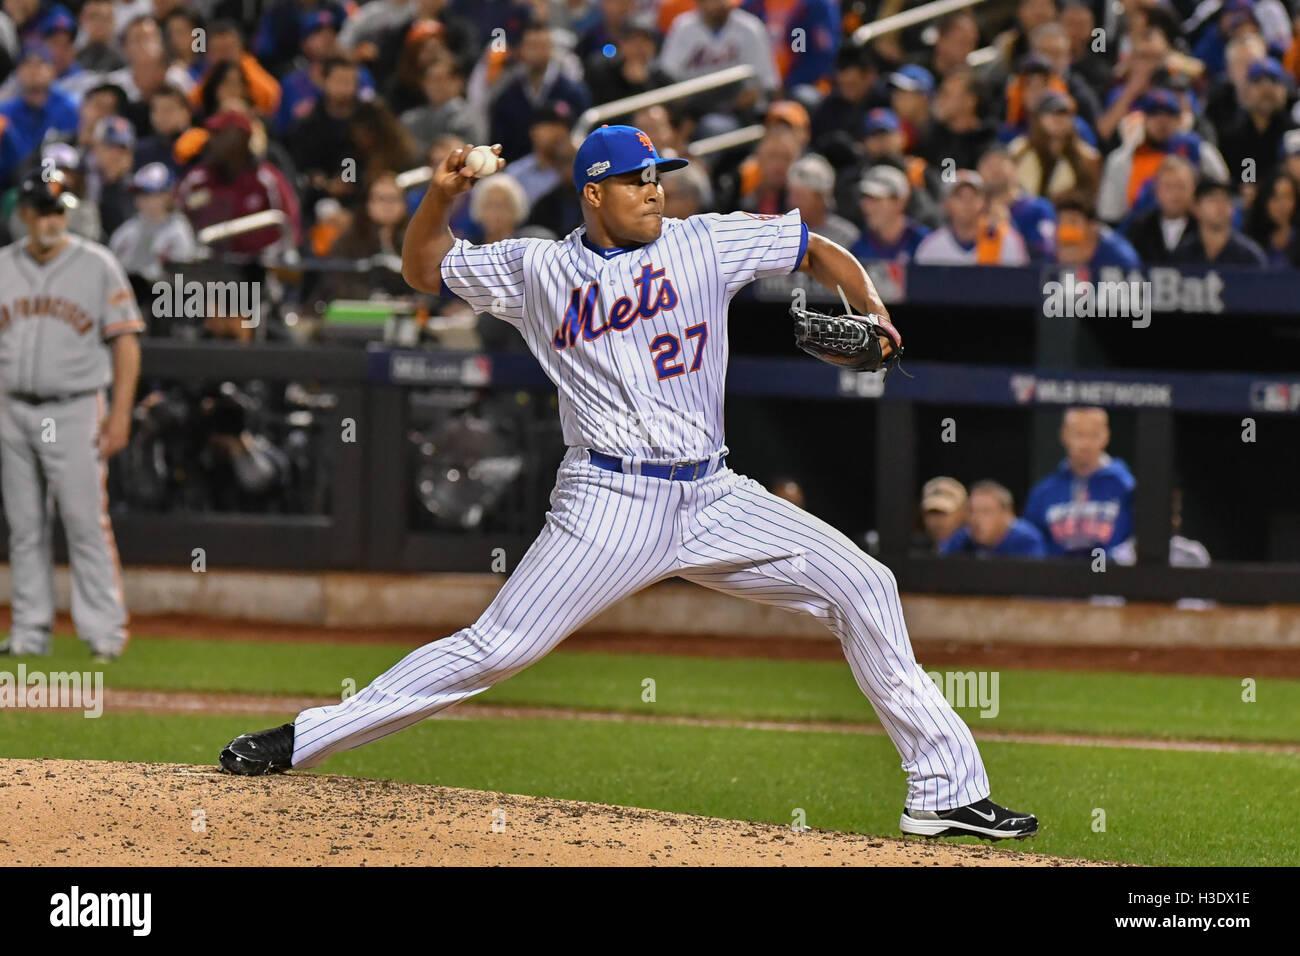 Flushing, New York, USA. 5. Oktober 2016. Jeurys Familia (Mets) MLB: Jeurys Familia der New York Mets Stellplätze Stockfoto